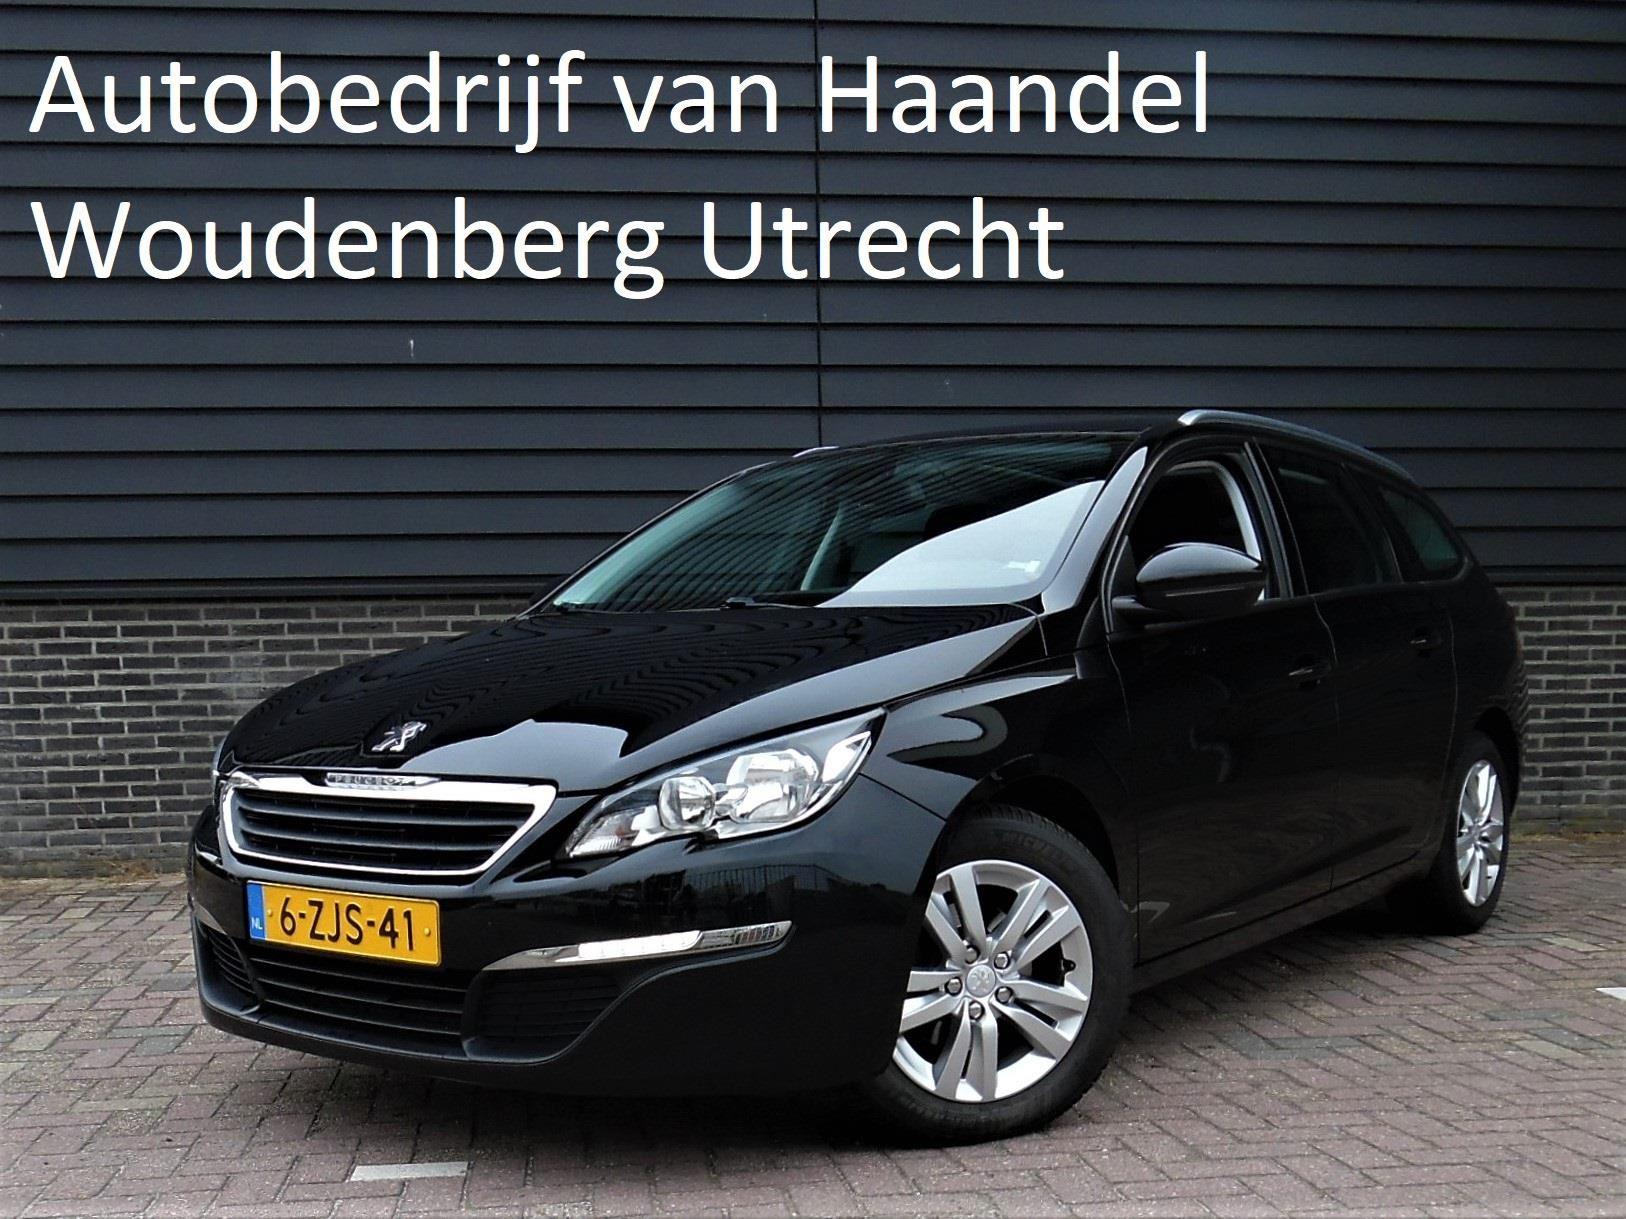 Peugeot 308 SW occasion - Autobedrijf Gerard van Haandel